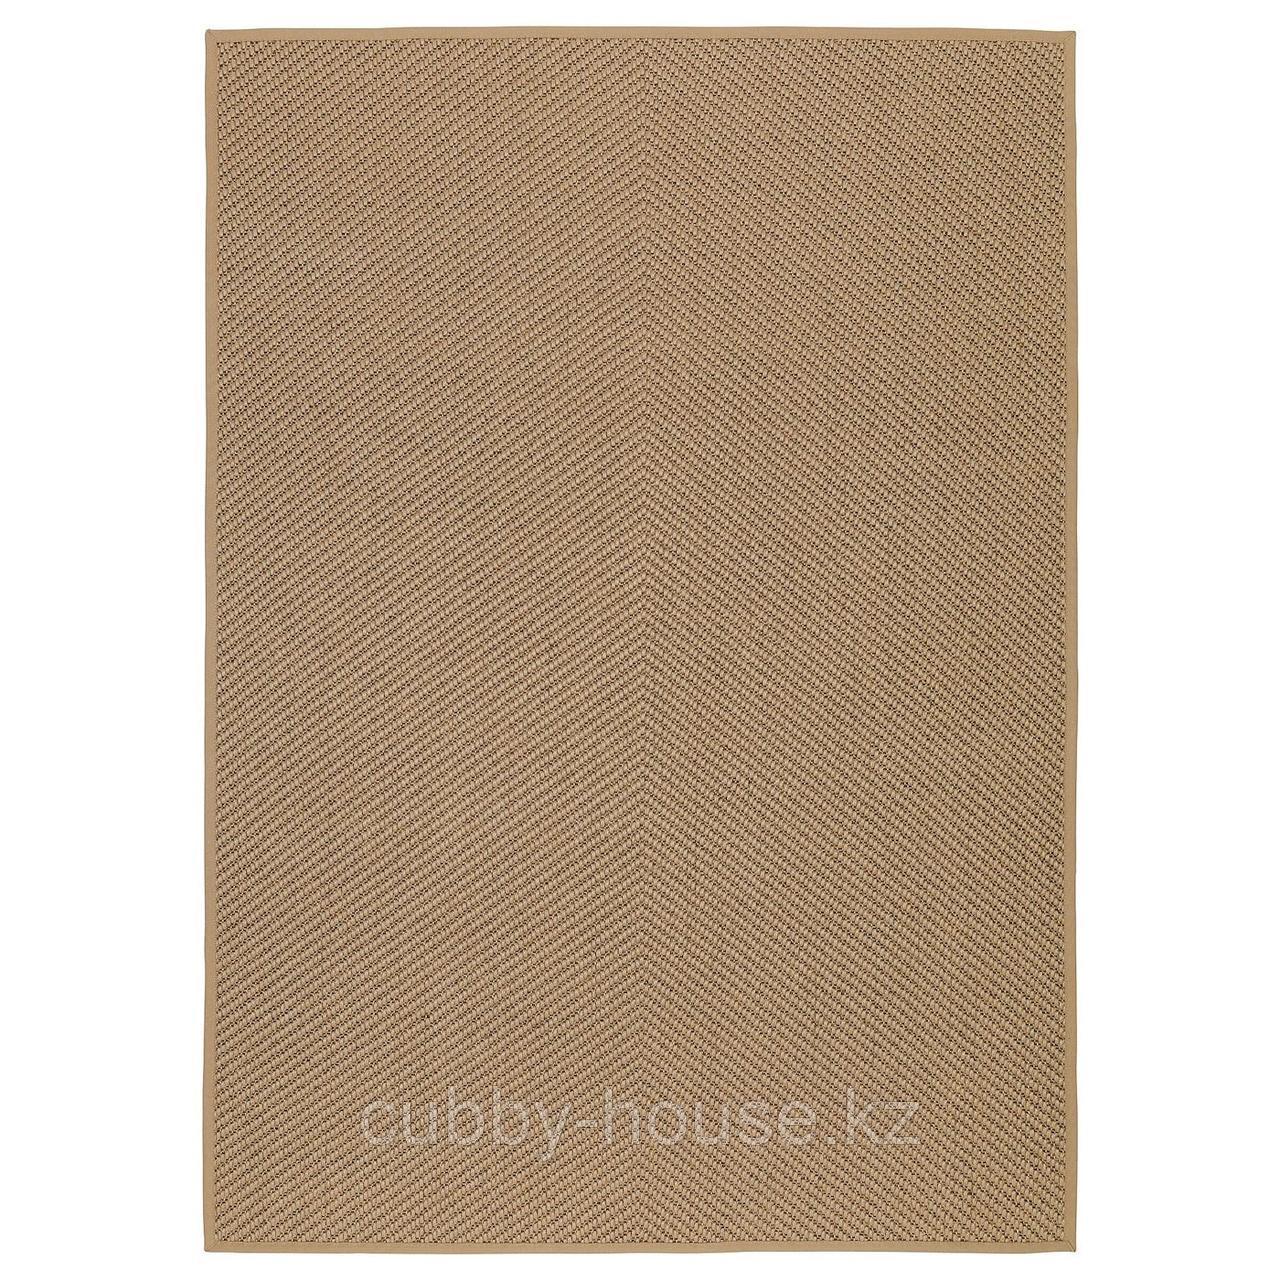 ХЕЛЛЕСТЕД Ковер безворсовый, неокрашенный, коричневый, 133x195 см